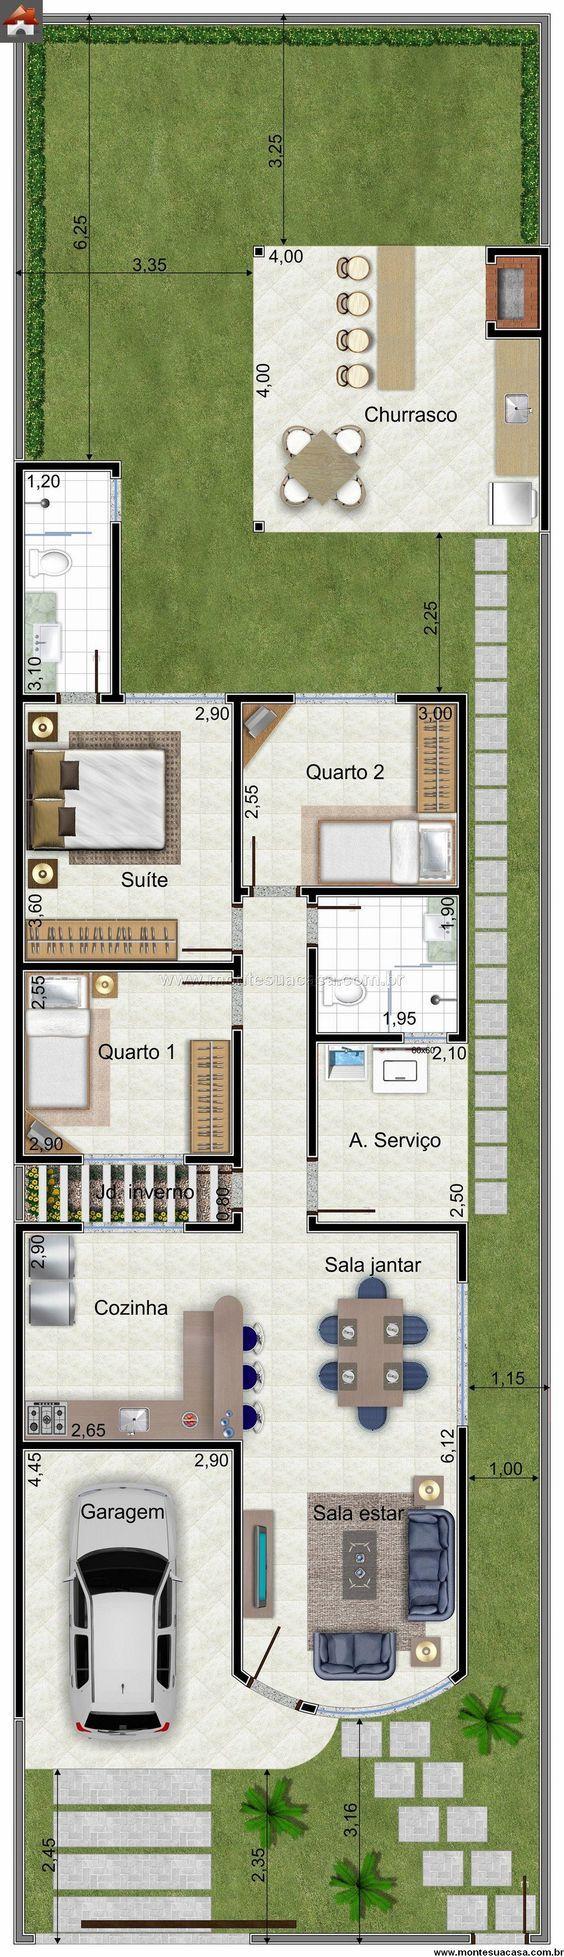 Casa 3 Quartos - 81.45m²:                                                                                                                                                                                 Mais